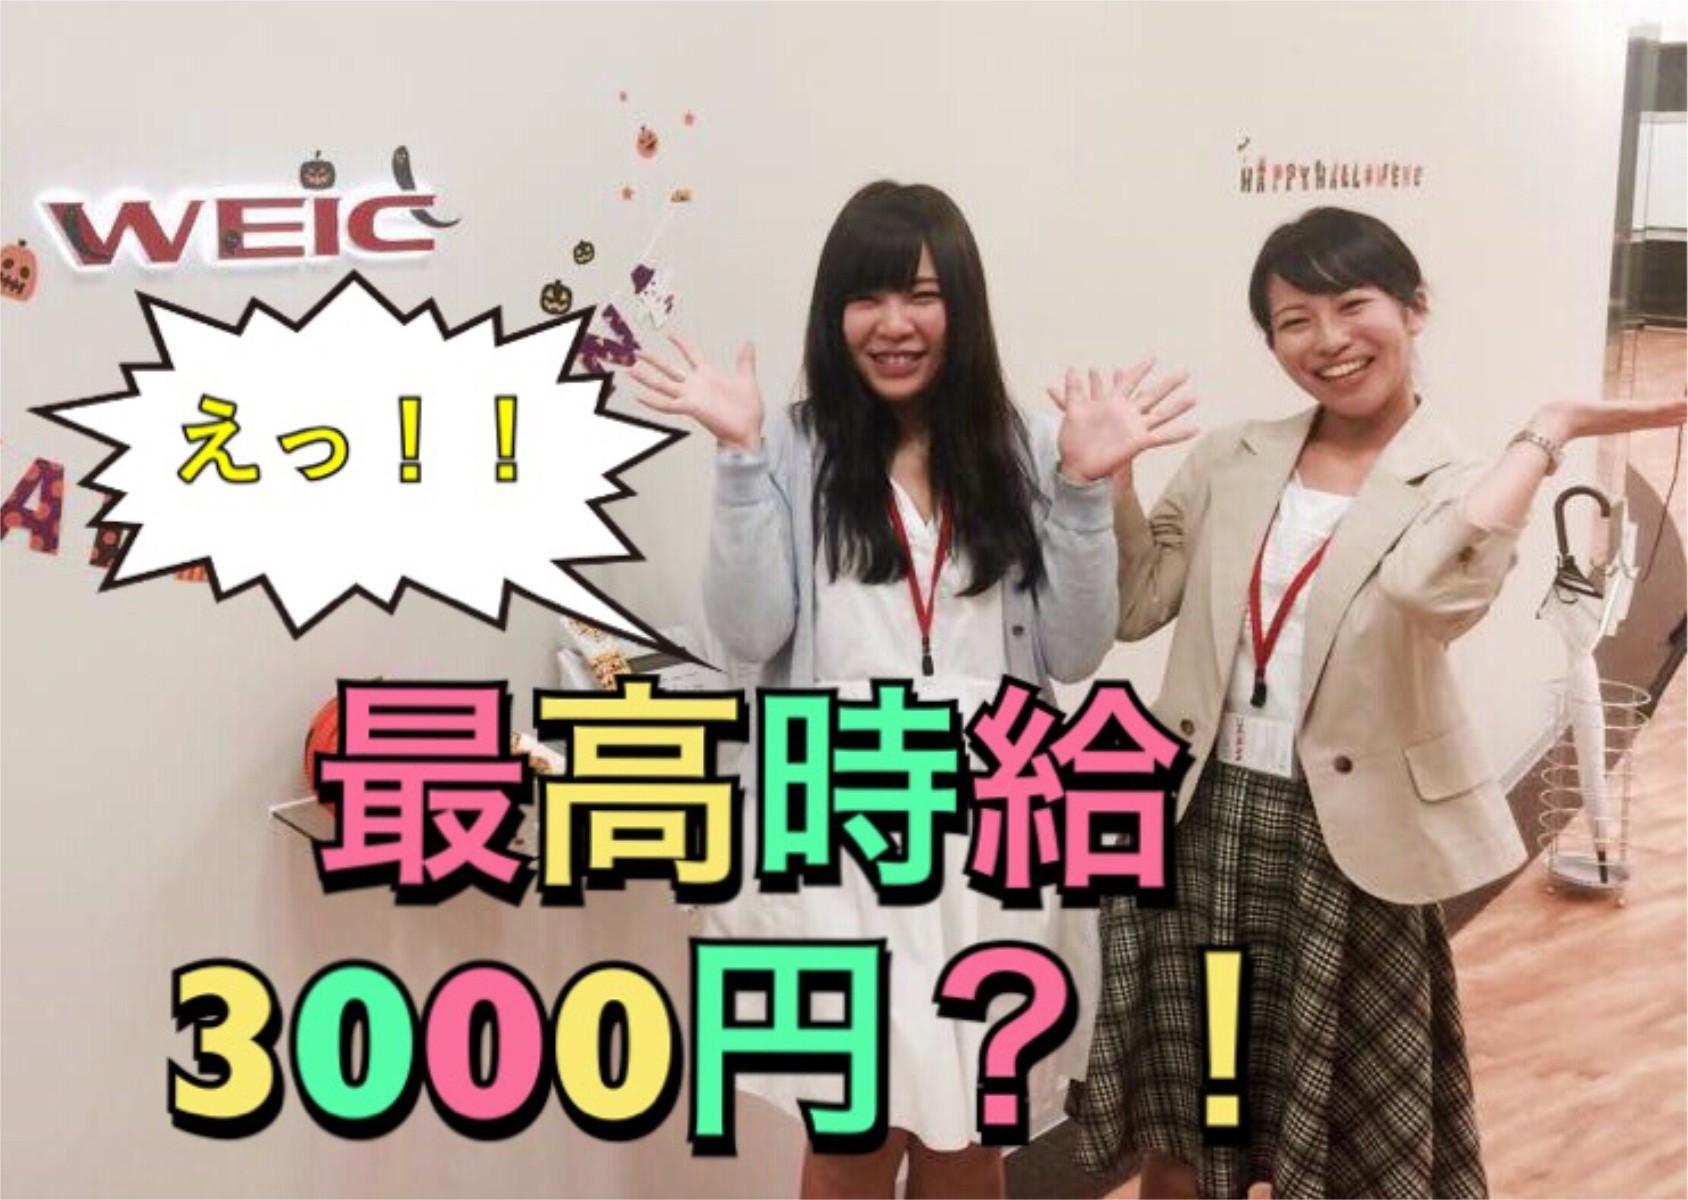 株式会社WEIC 晴海本社 コールセンタースタッフのアルバイト情報